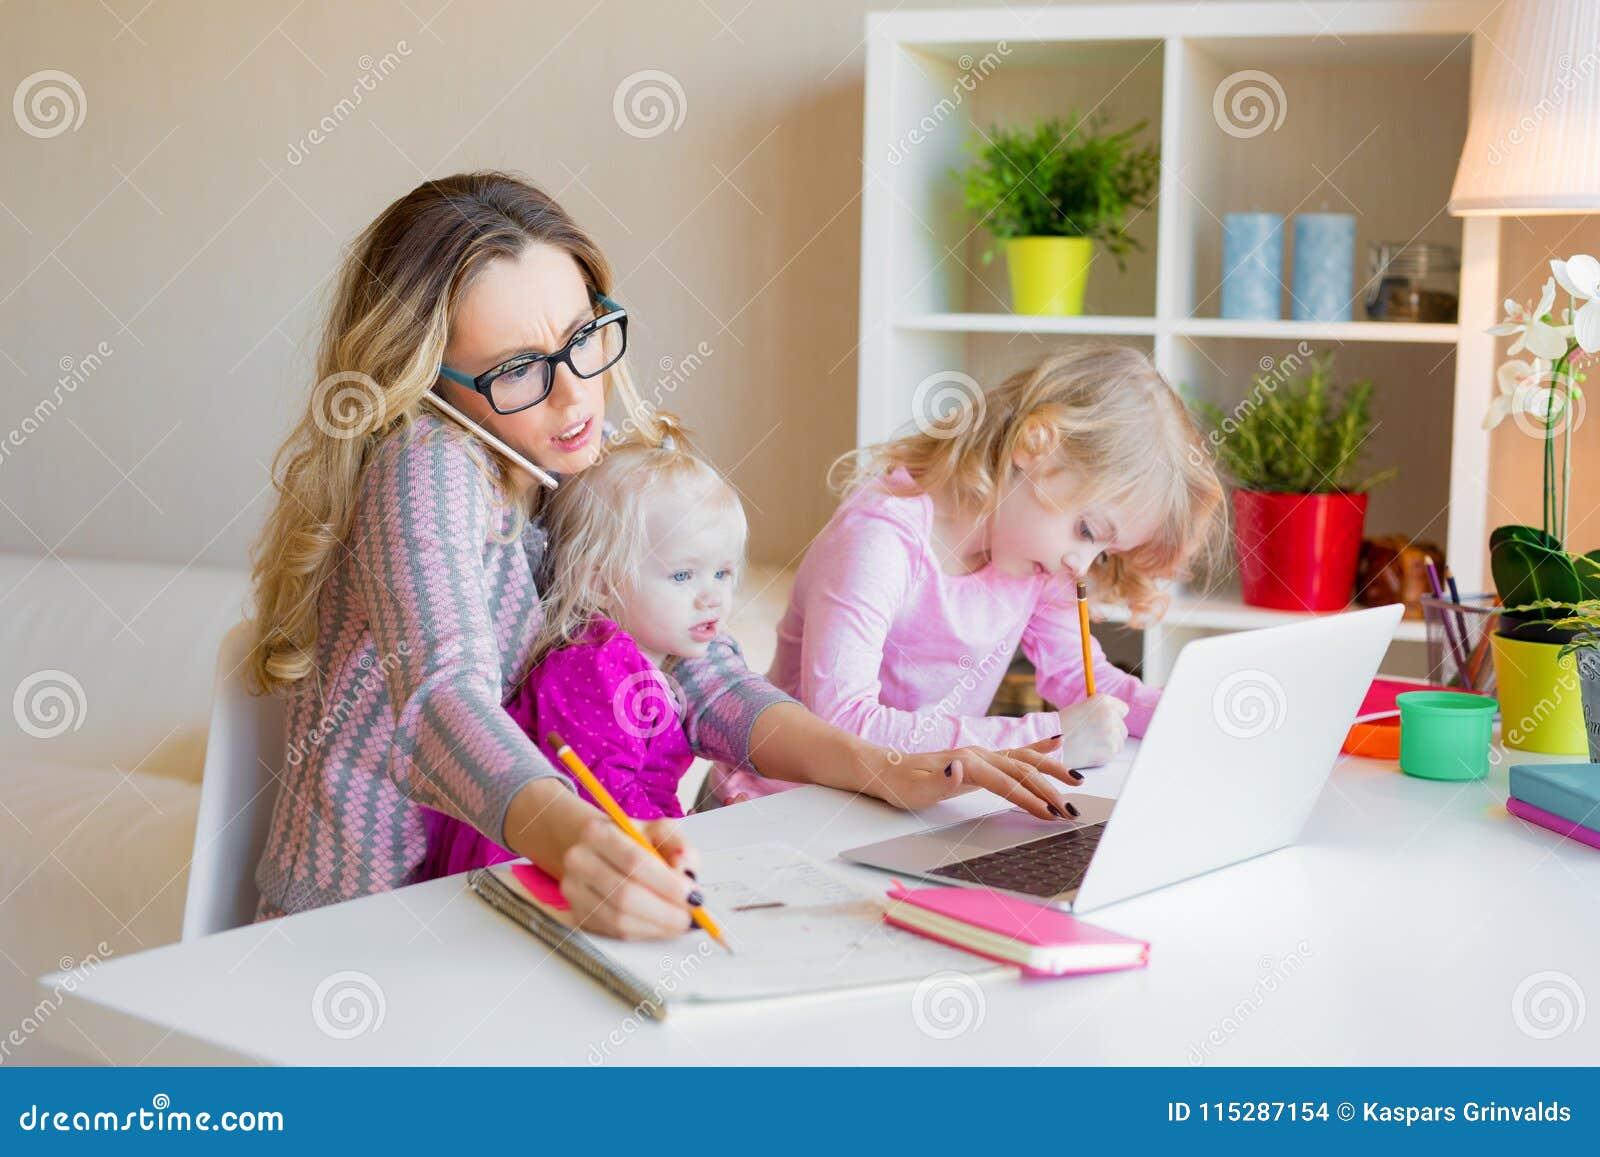 Beschäftigte Frau, die versucht beim Babysitten von zwei Kindern zu arbeiten